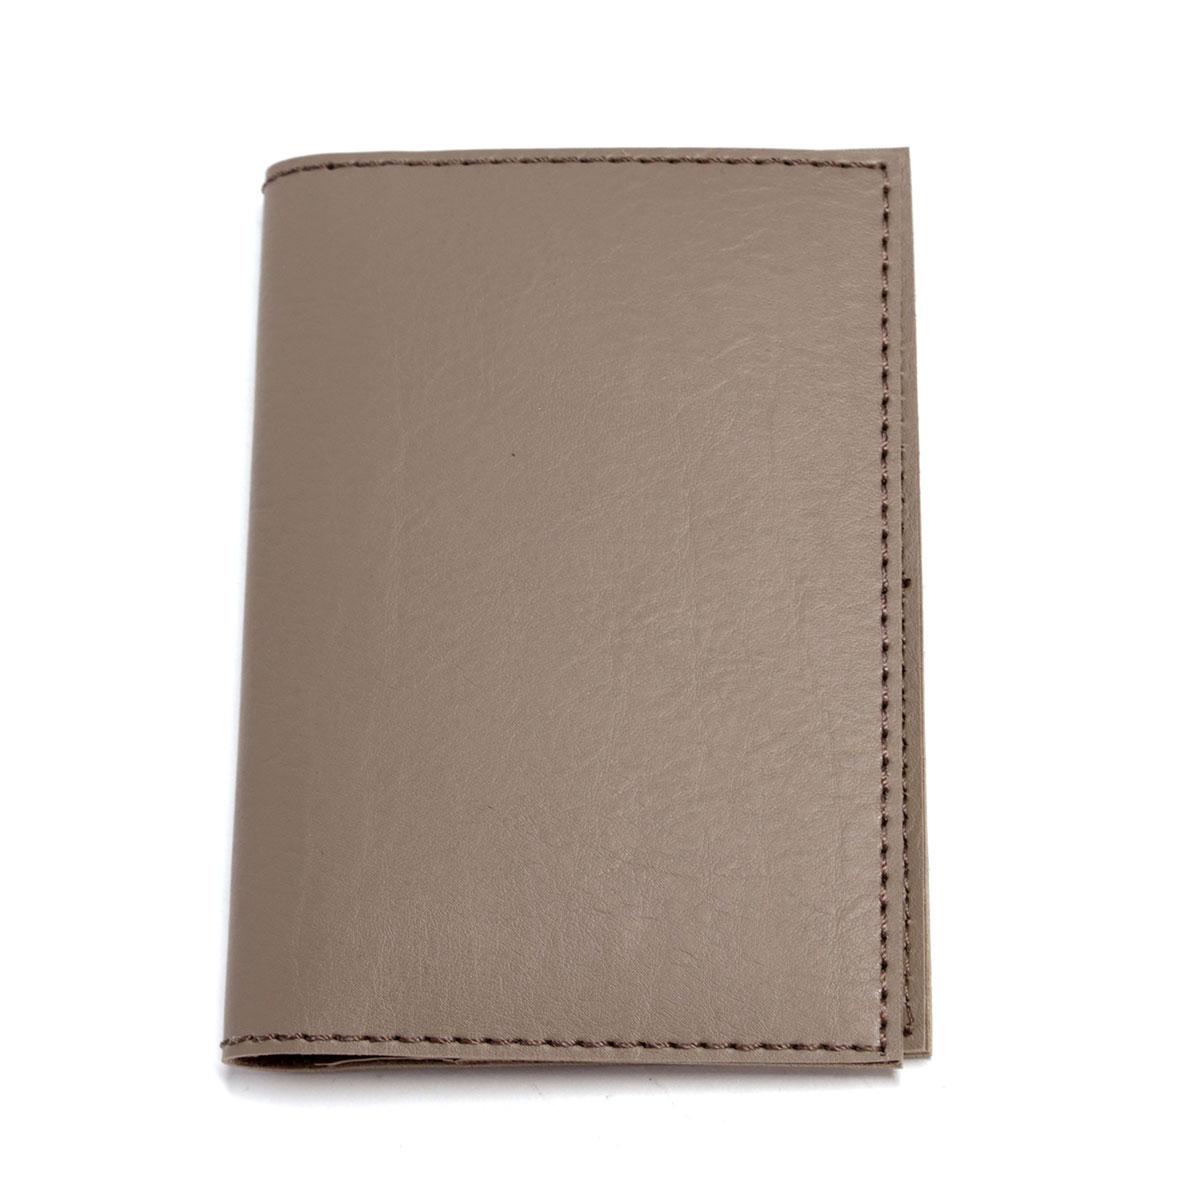 Porta passaporte com bolso (Montana Fendi)